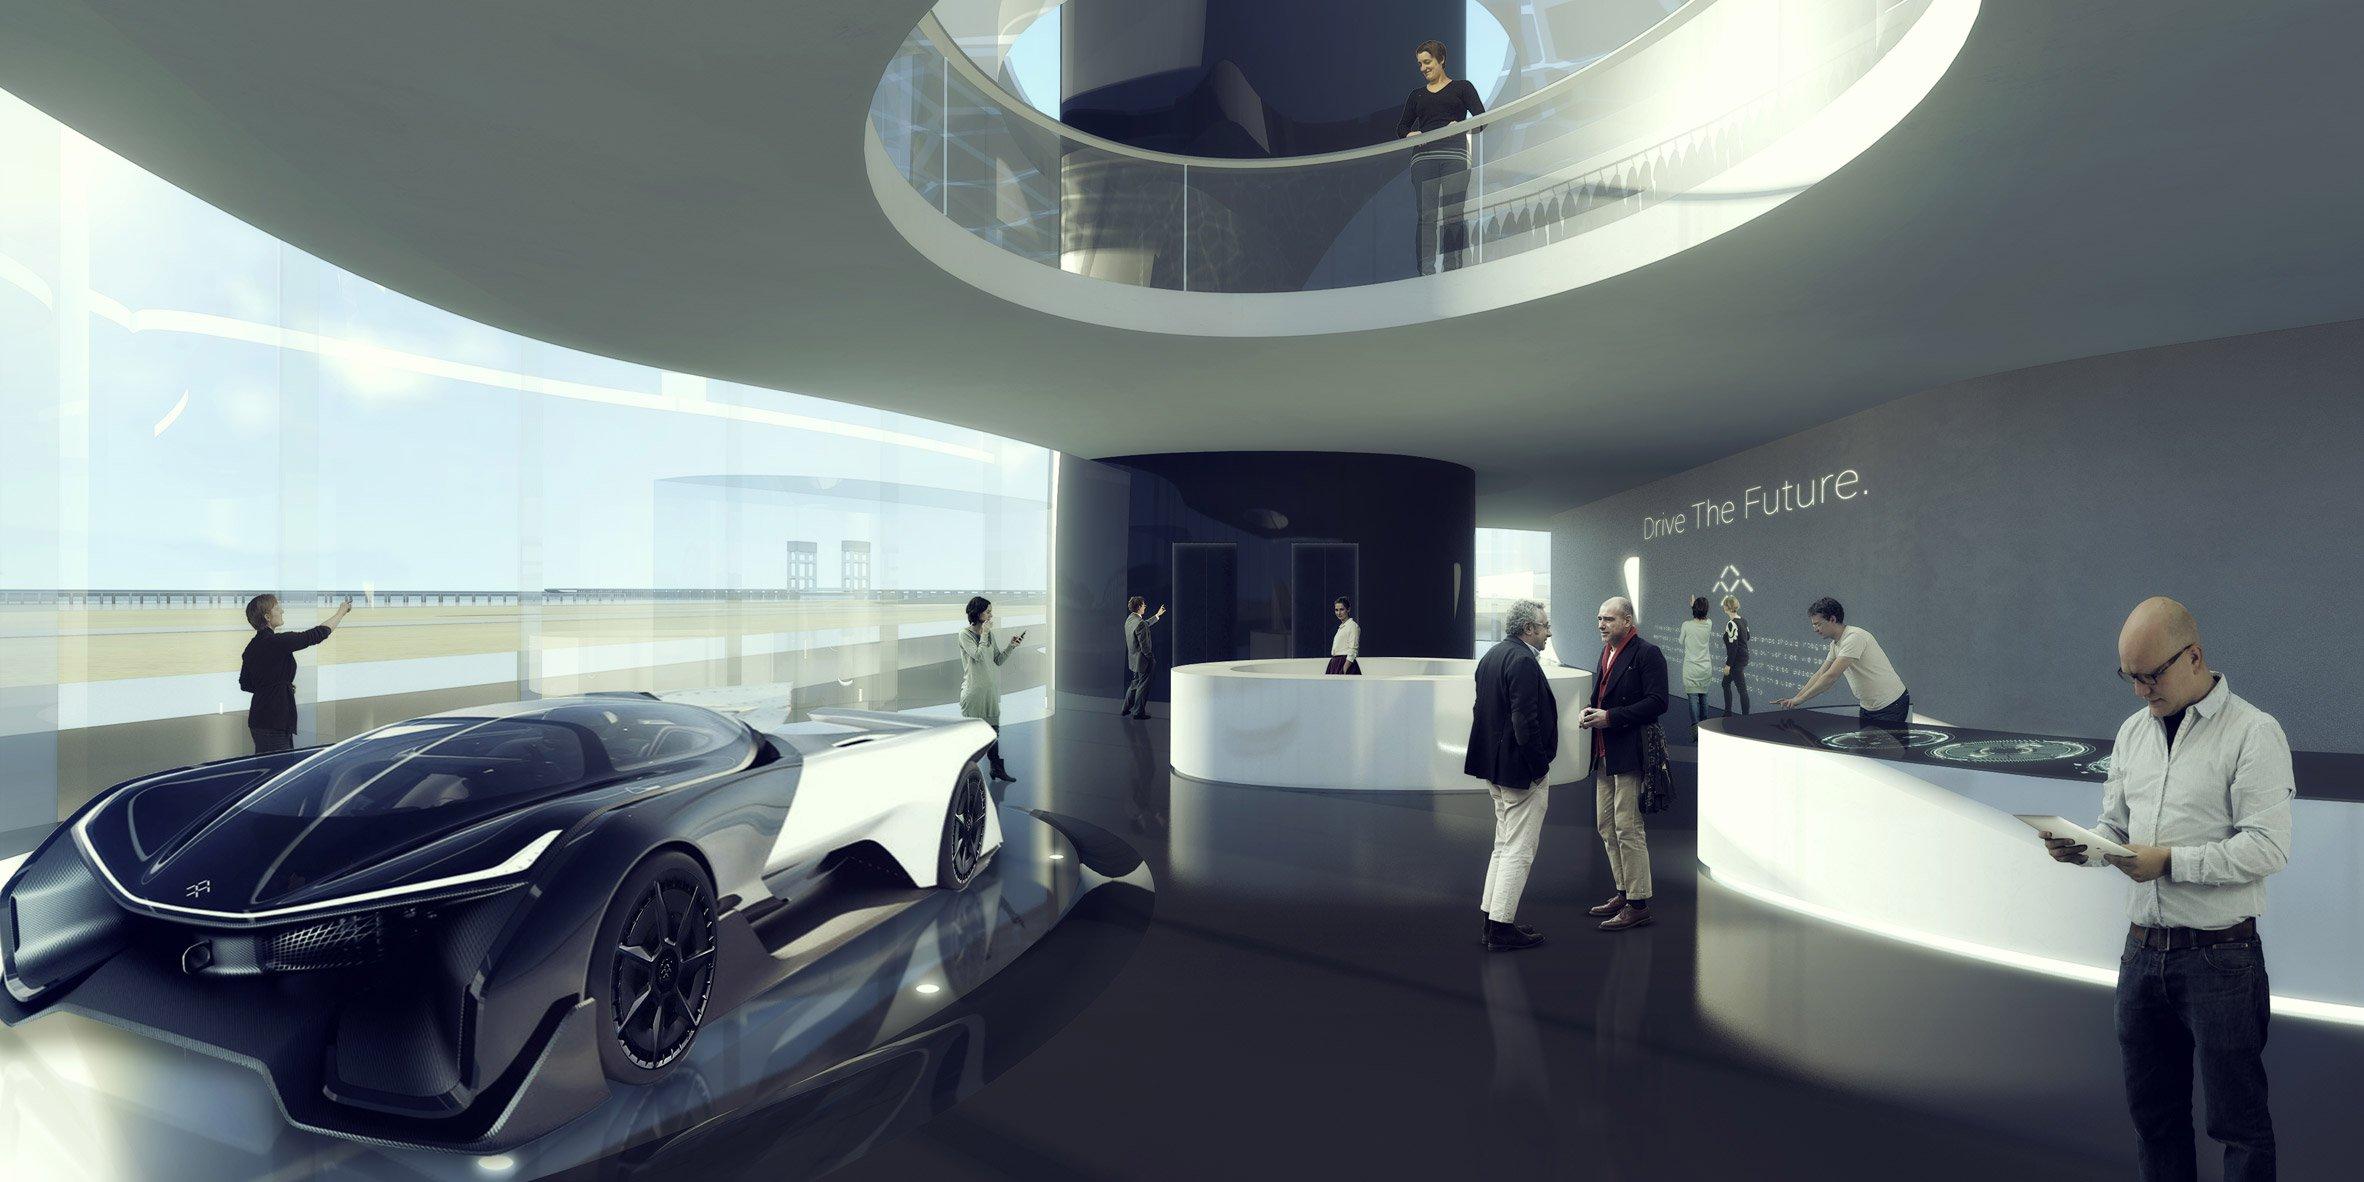 Потенциальные покупатели смогут с обзорной площадки наблюдать, как их машину доставляют со склада на вершину башни с помощью лифта